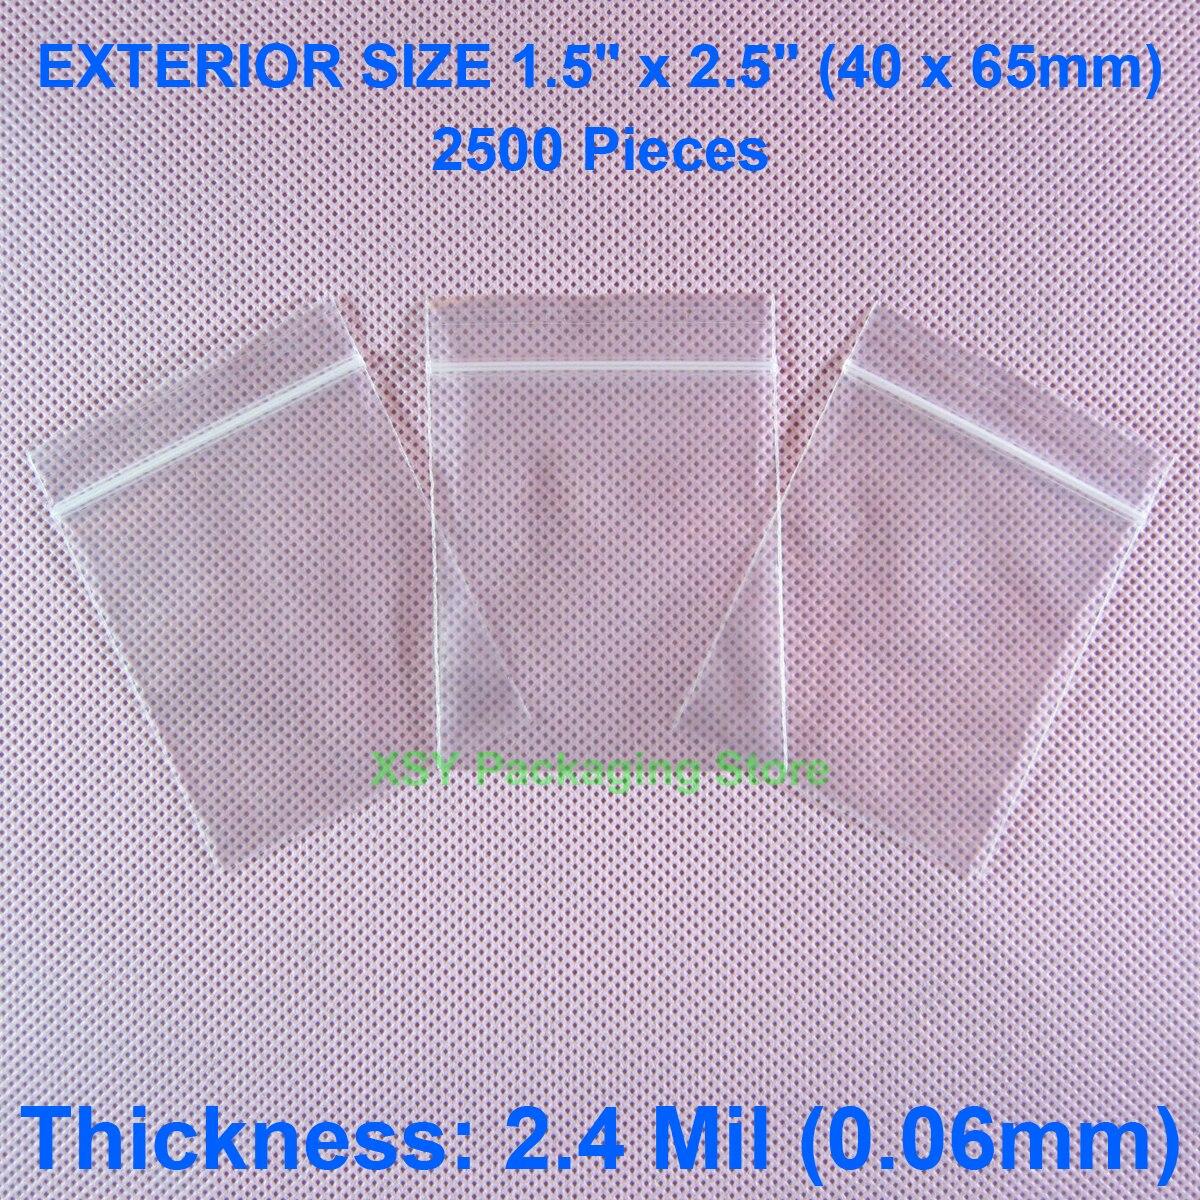 """2500 штук 2,4 мил Ziplock Сумки внешний Размер 1,5 """"x 2,5"""" (40x65 мм) пластик на молнии с возможностью повторного закрывания поли сцепление герметичная"""